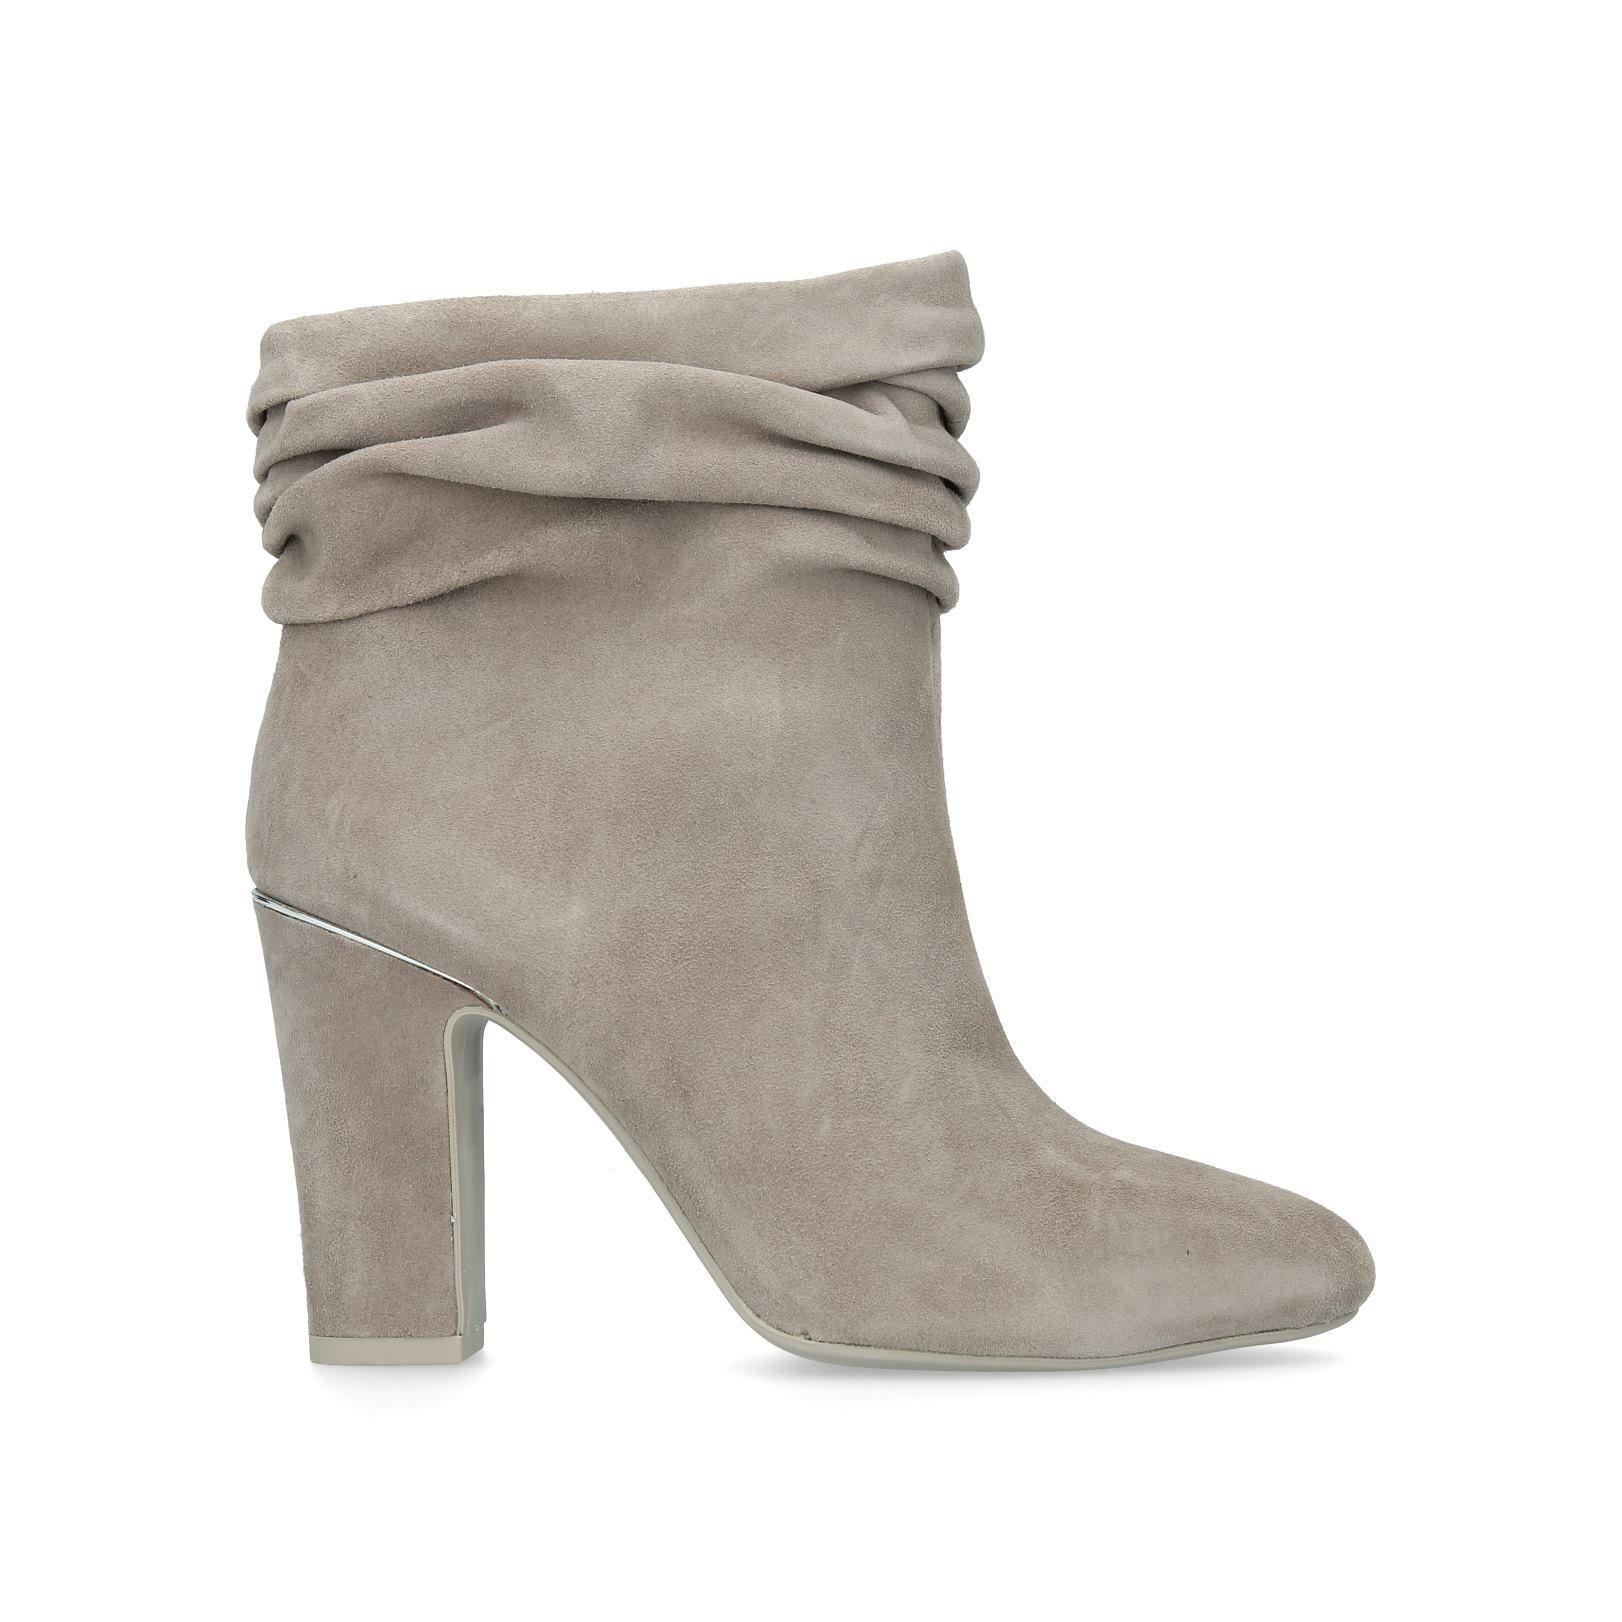 SABEL Sabel 90 Mm Heel Ankle Boots Dkny